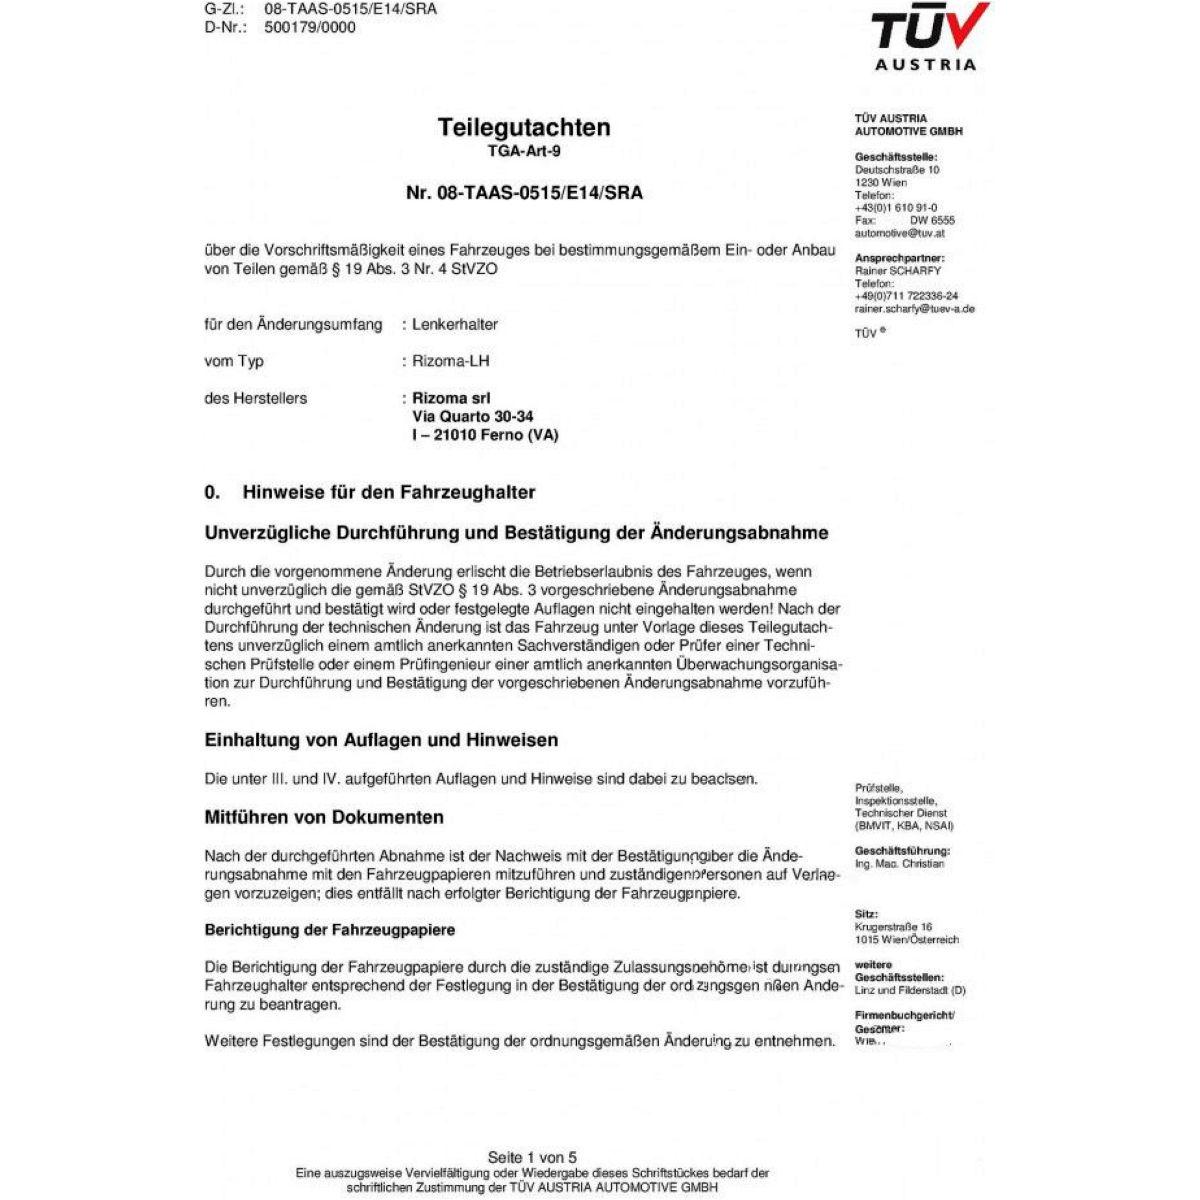 Fein X Lenker Vorlage Zeitgenössisch - Beispiel Business Lebenslauf ...